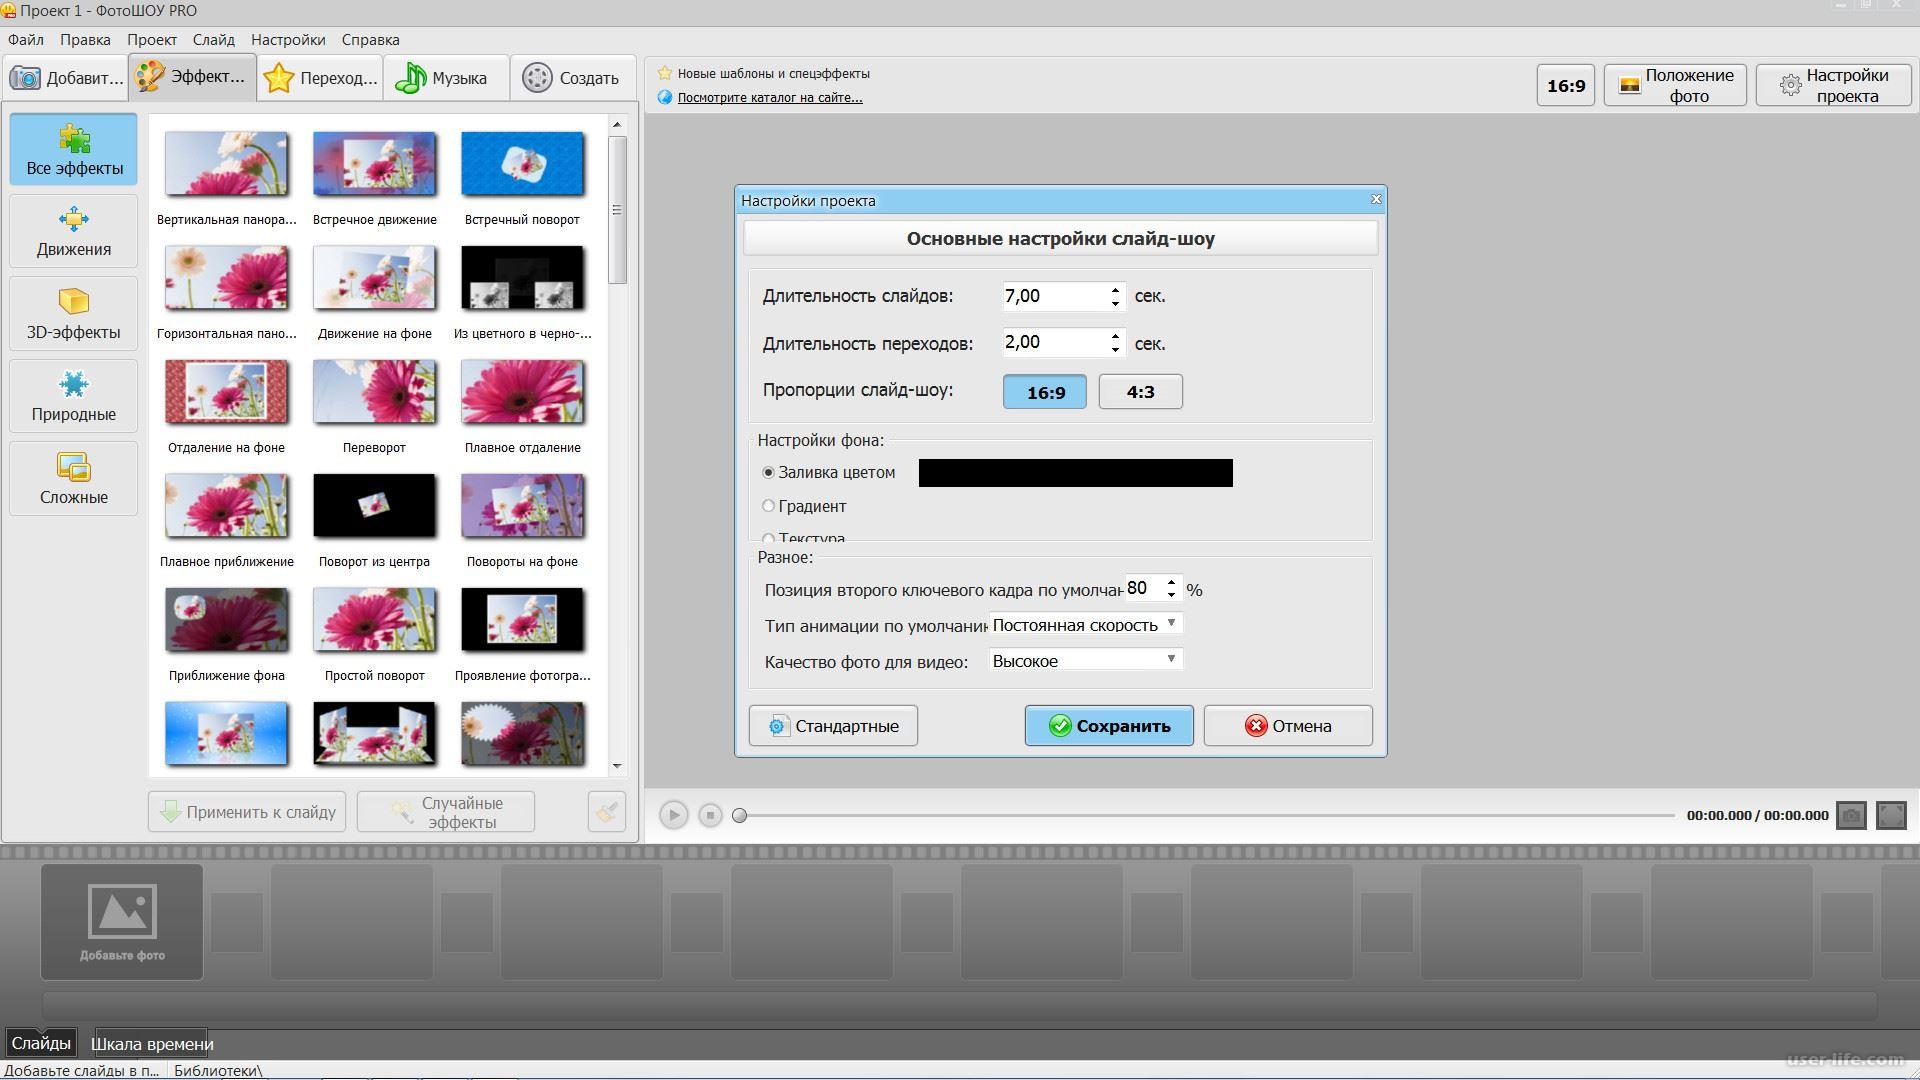 как убрать звук со слайда фотошоу про если спросить, где